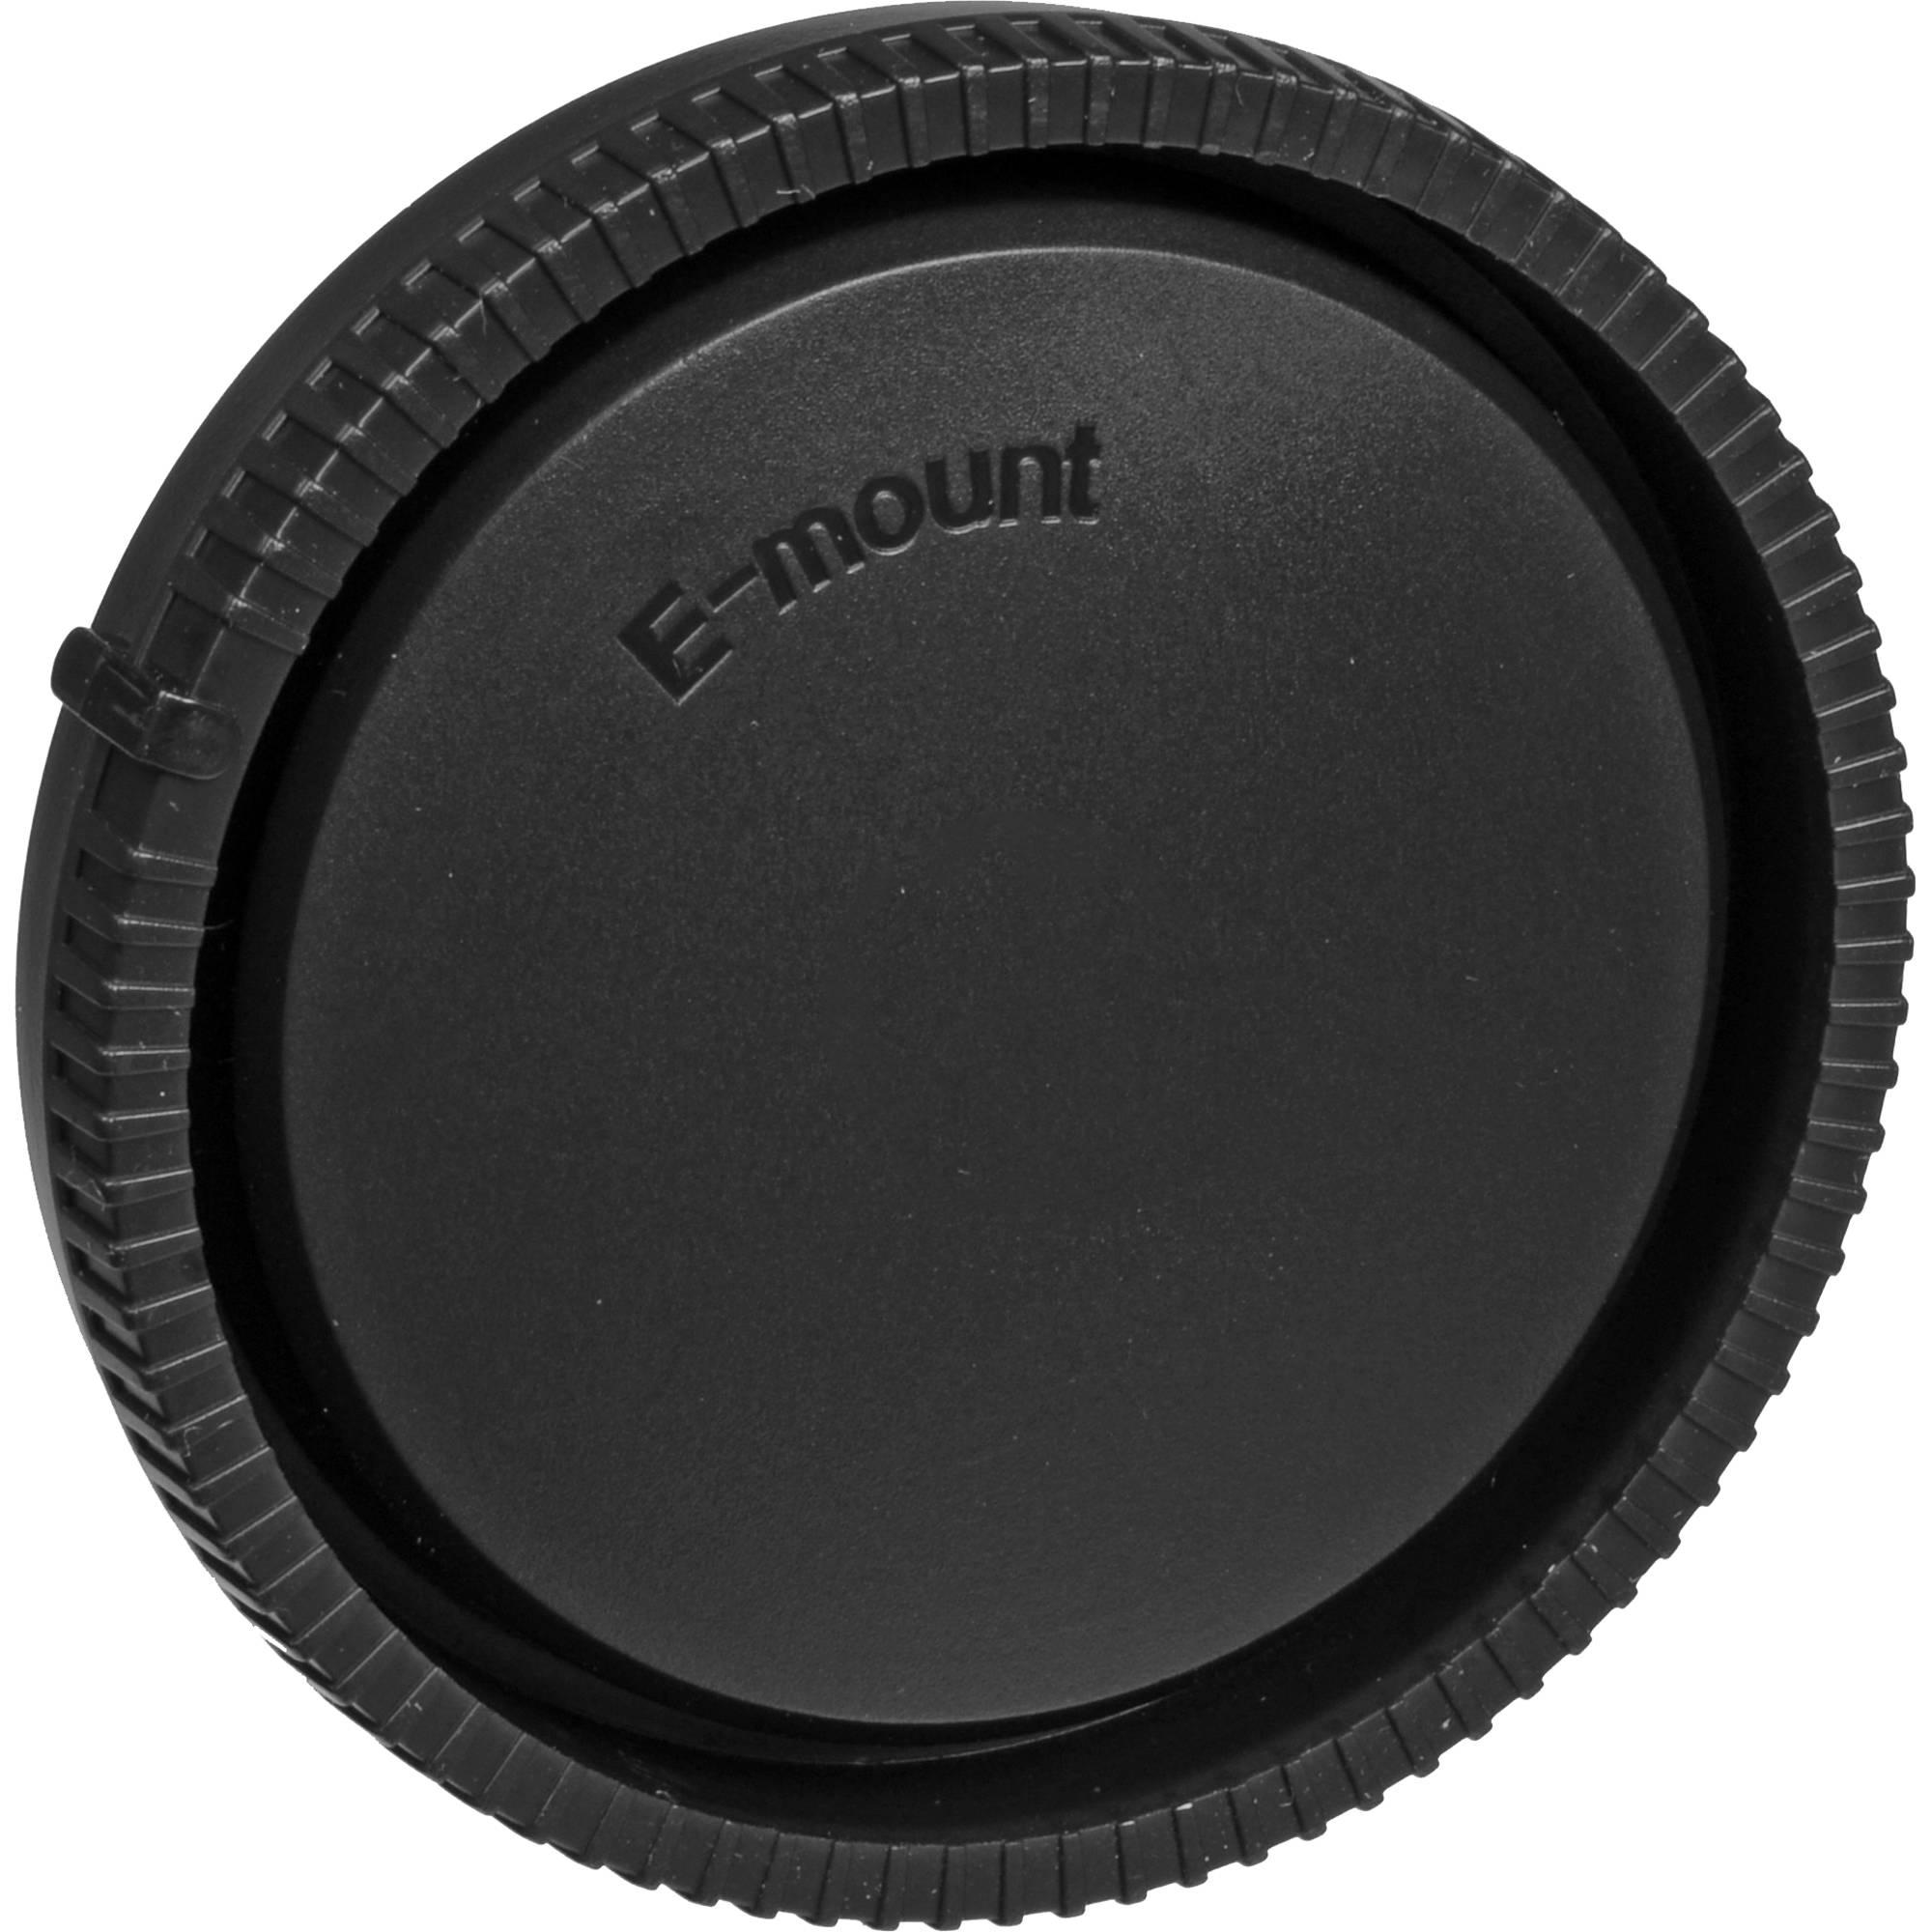 Dot Line Rear Lens Cap For Sony E Mount Lenses Dl 1557 B Amp H